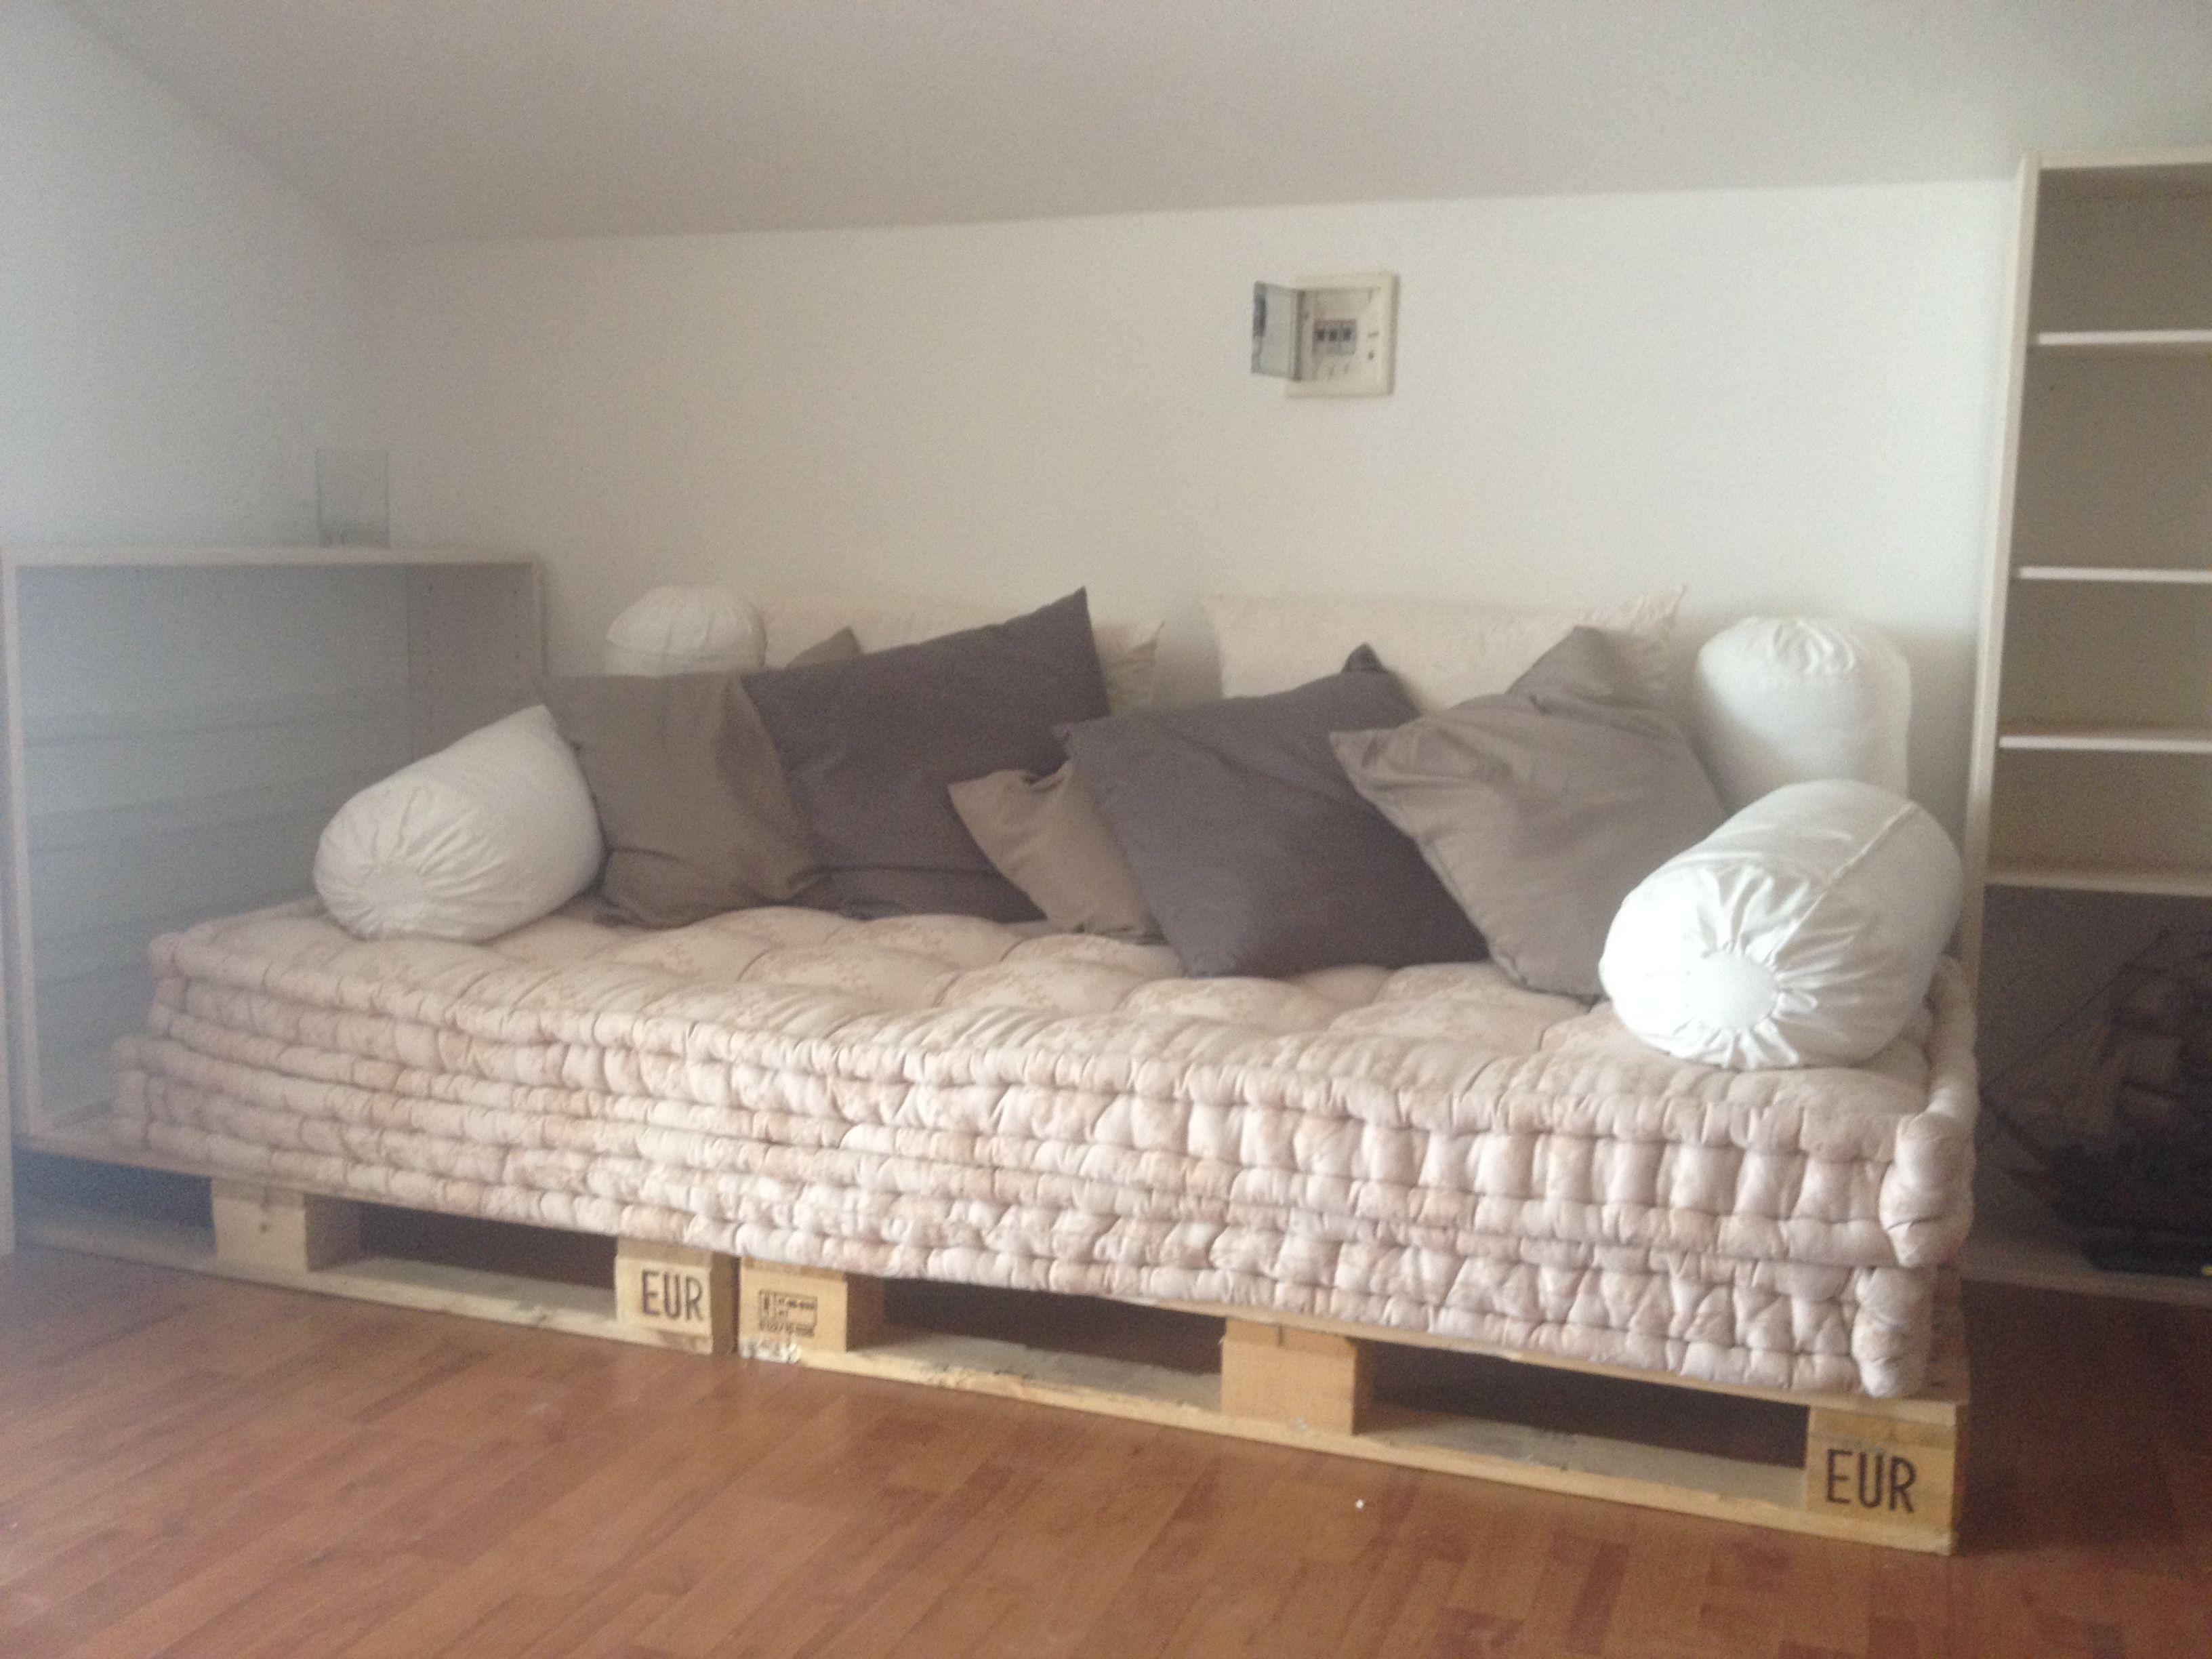 Divano con bancali materassi di lana e cuscini ikea for Materassi x divano letto